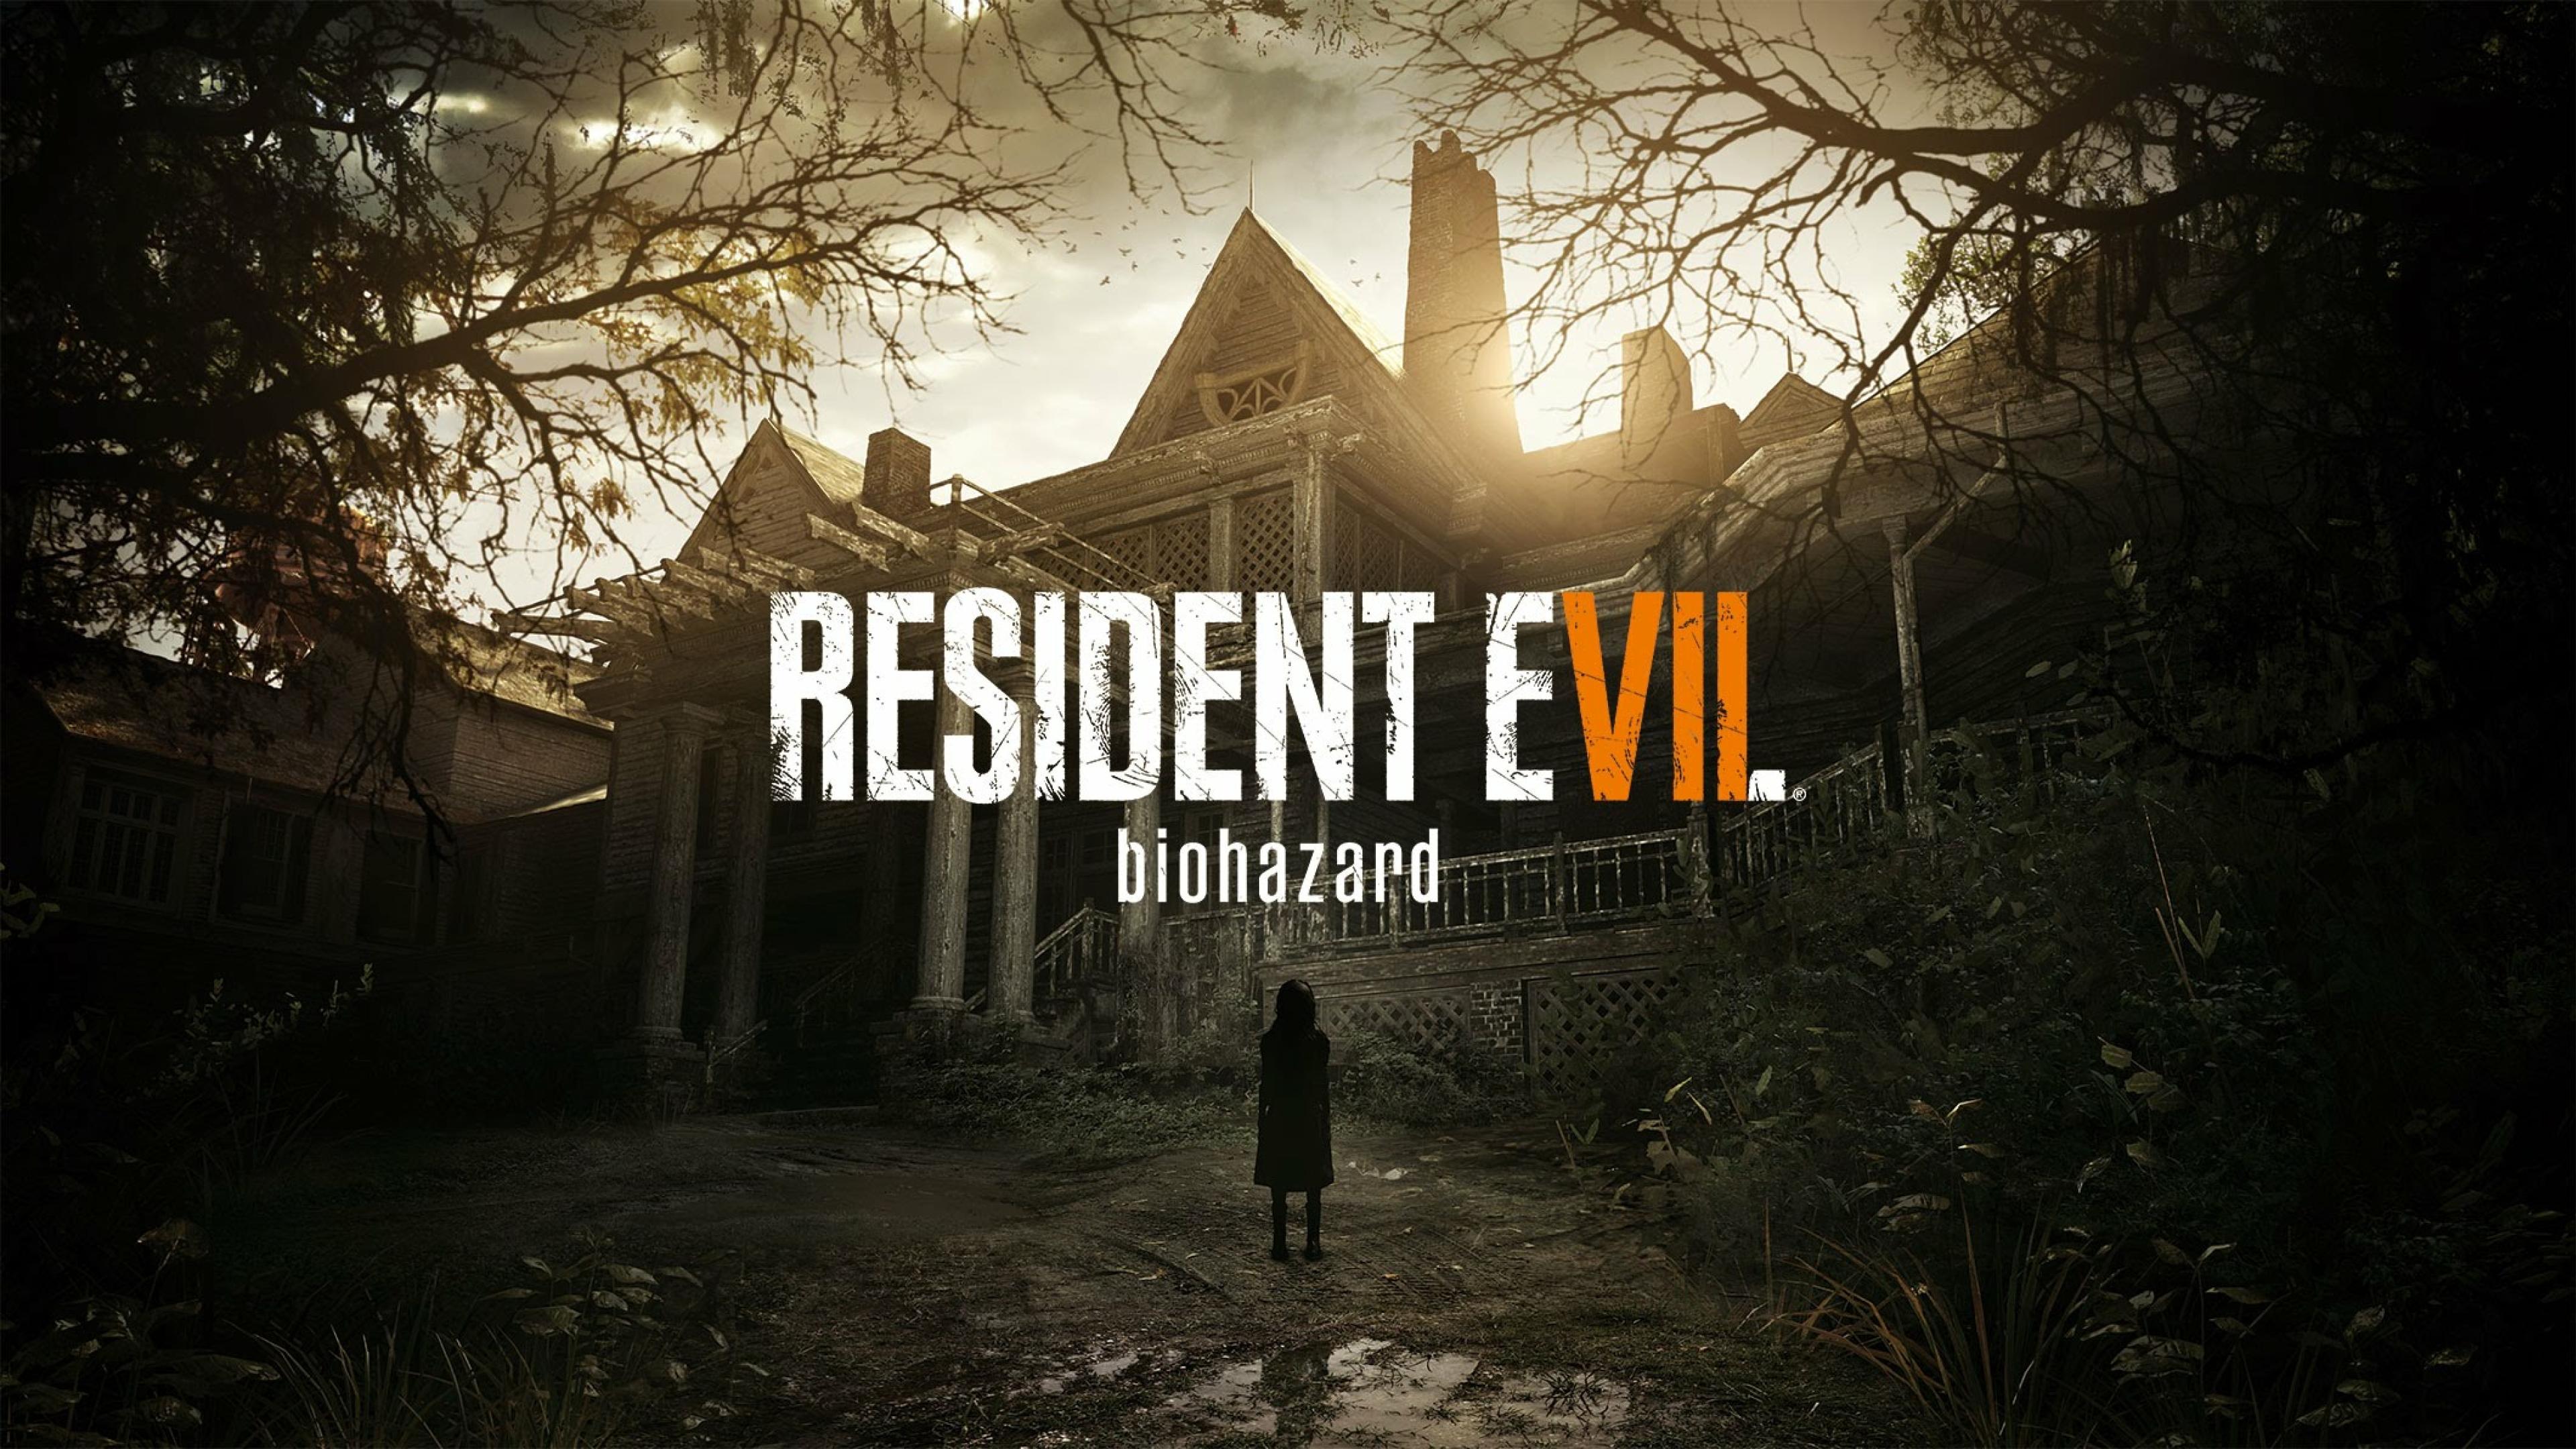 3840x2160 resident evil 7, biohazard, capcom 4K Wallpaper ...